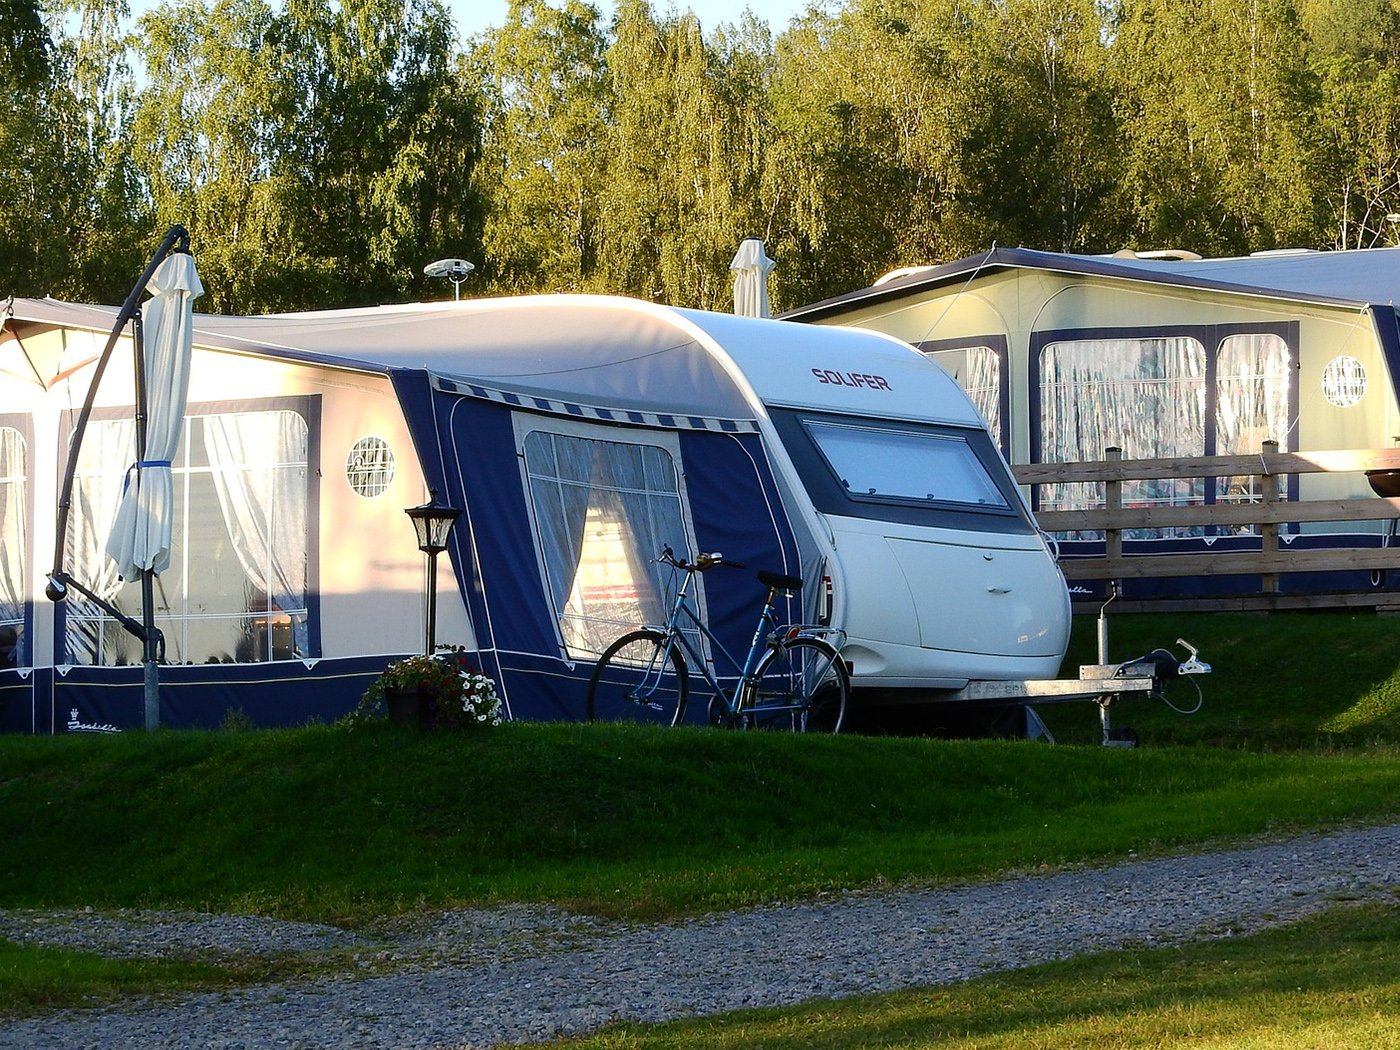 Wohnen auf dem Campingplatz Fahrrad Stellplatz